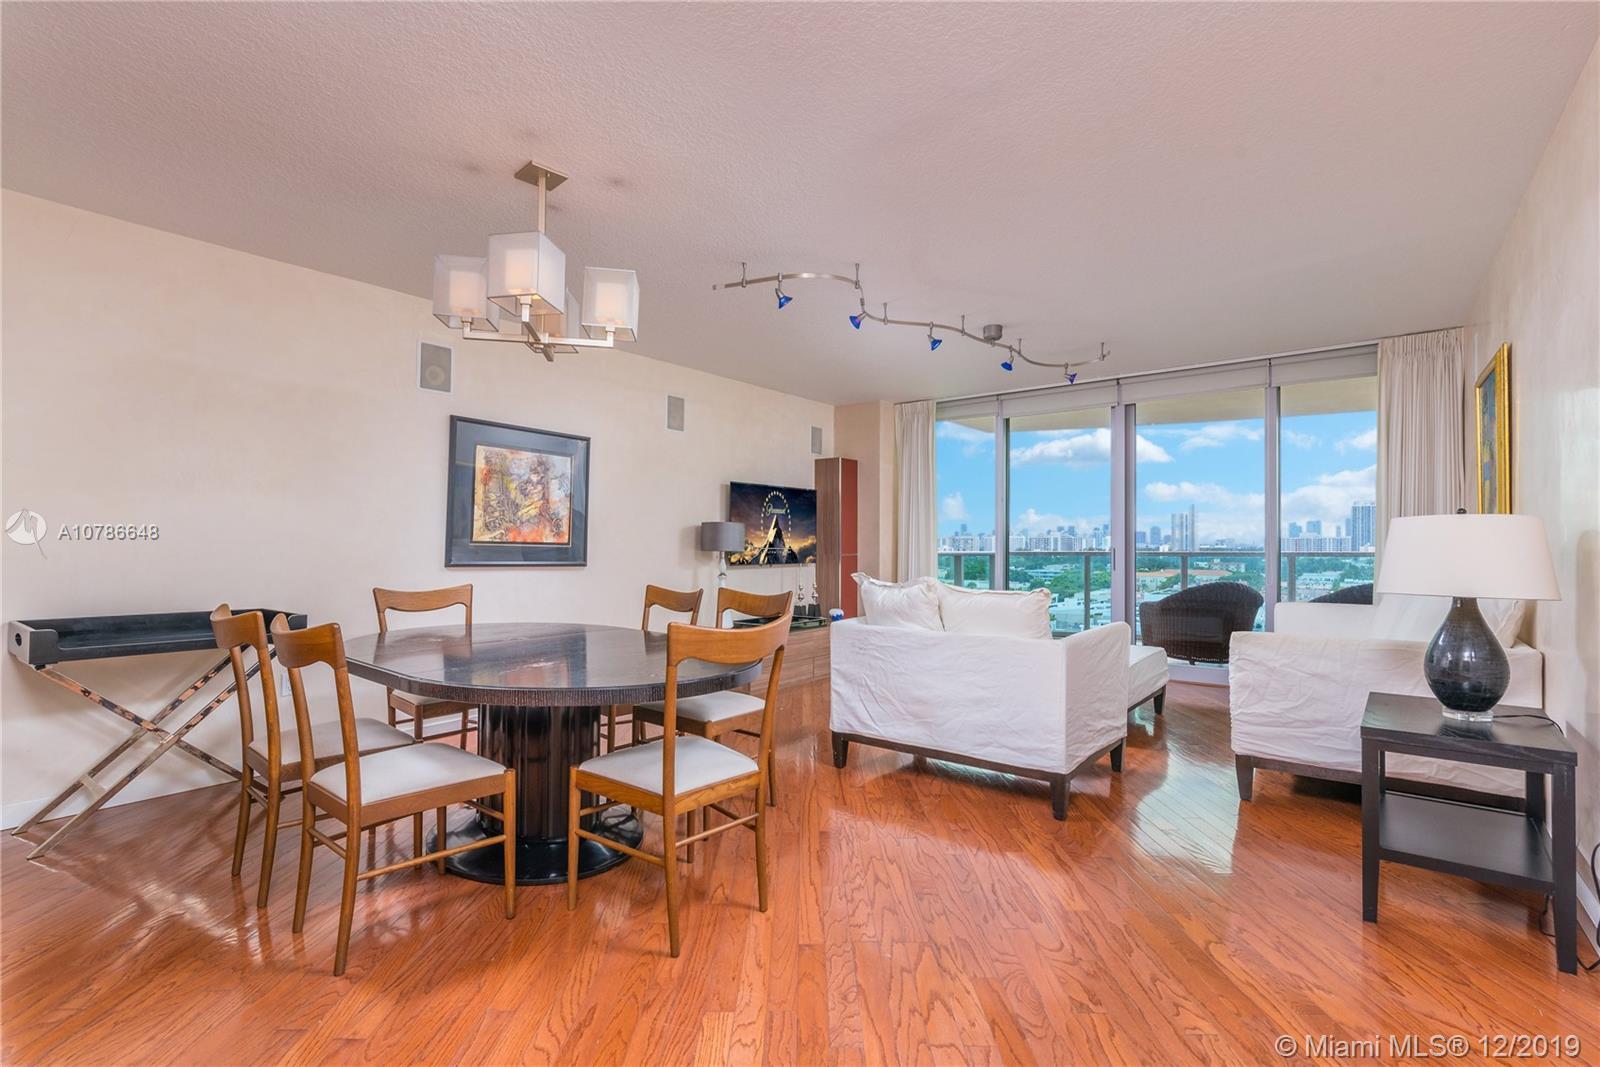 1455 Ocean Dr, 1111 - Miami Beach, Florida